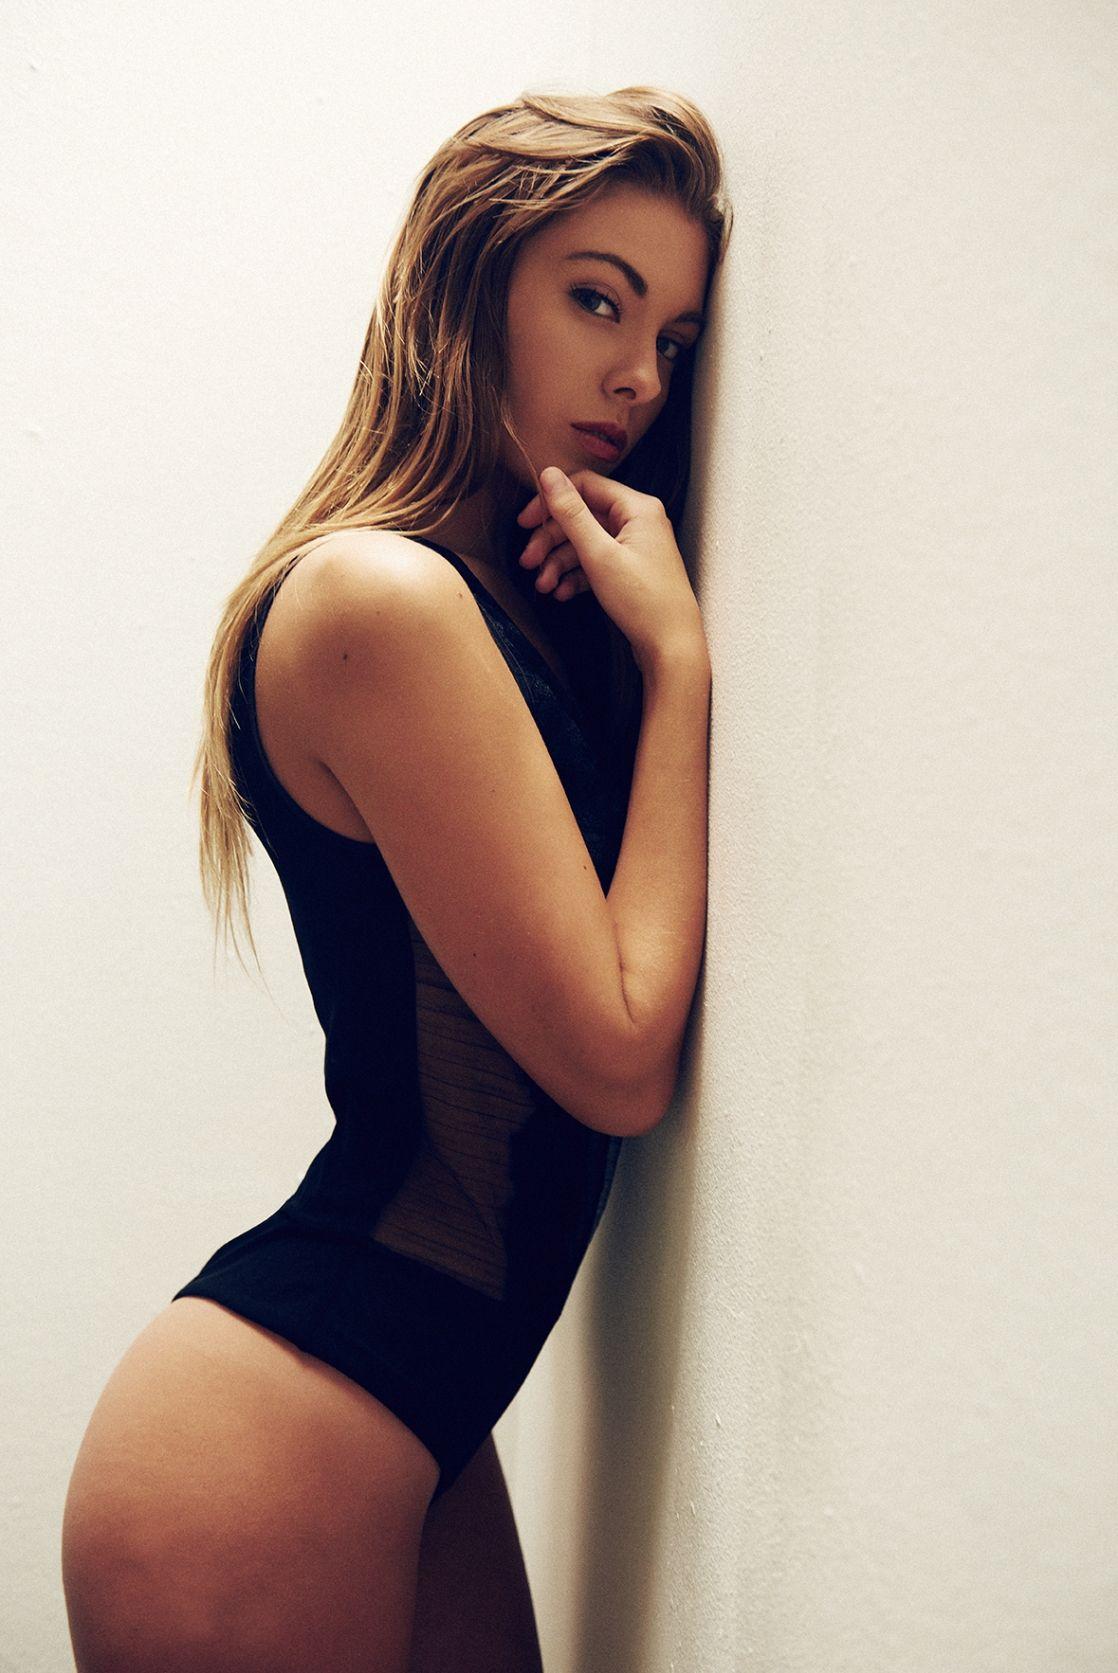 Carmella Rose  Women, Model, Bikini Models-6205